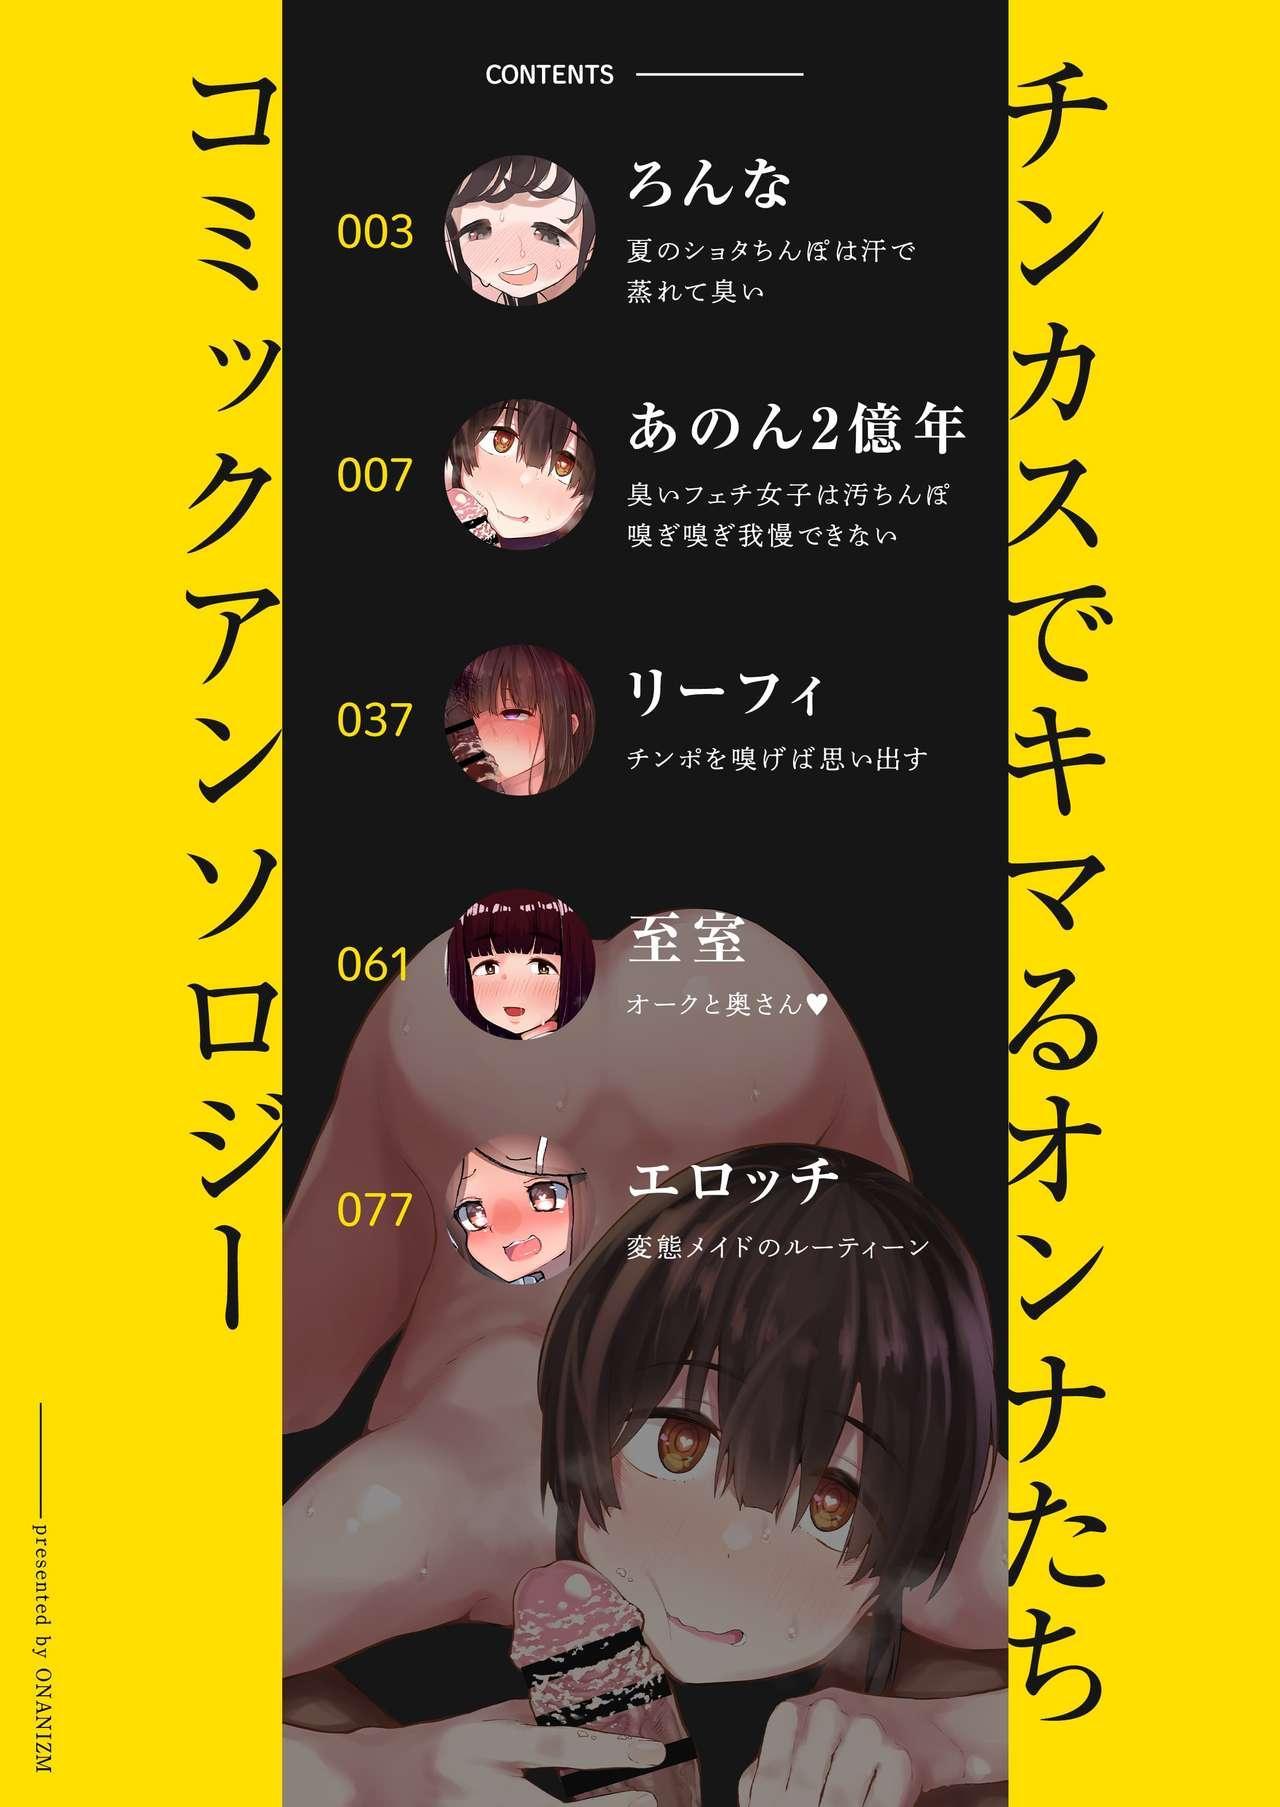 Chinkasu de kimaru Onna-tachi Comic Anthology 1